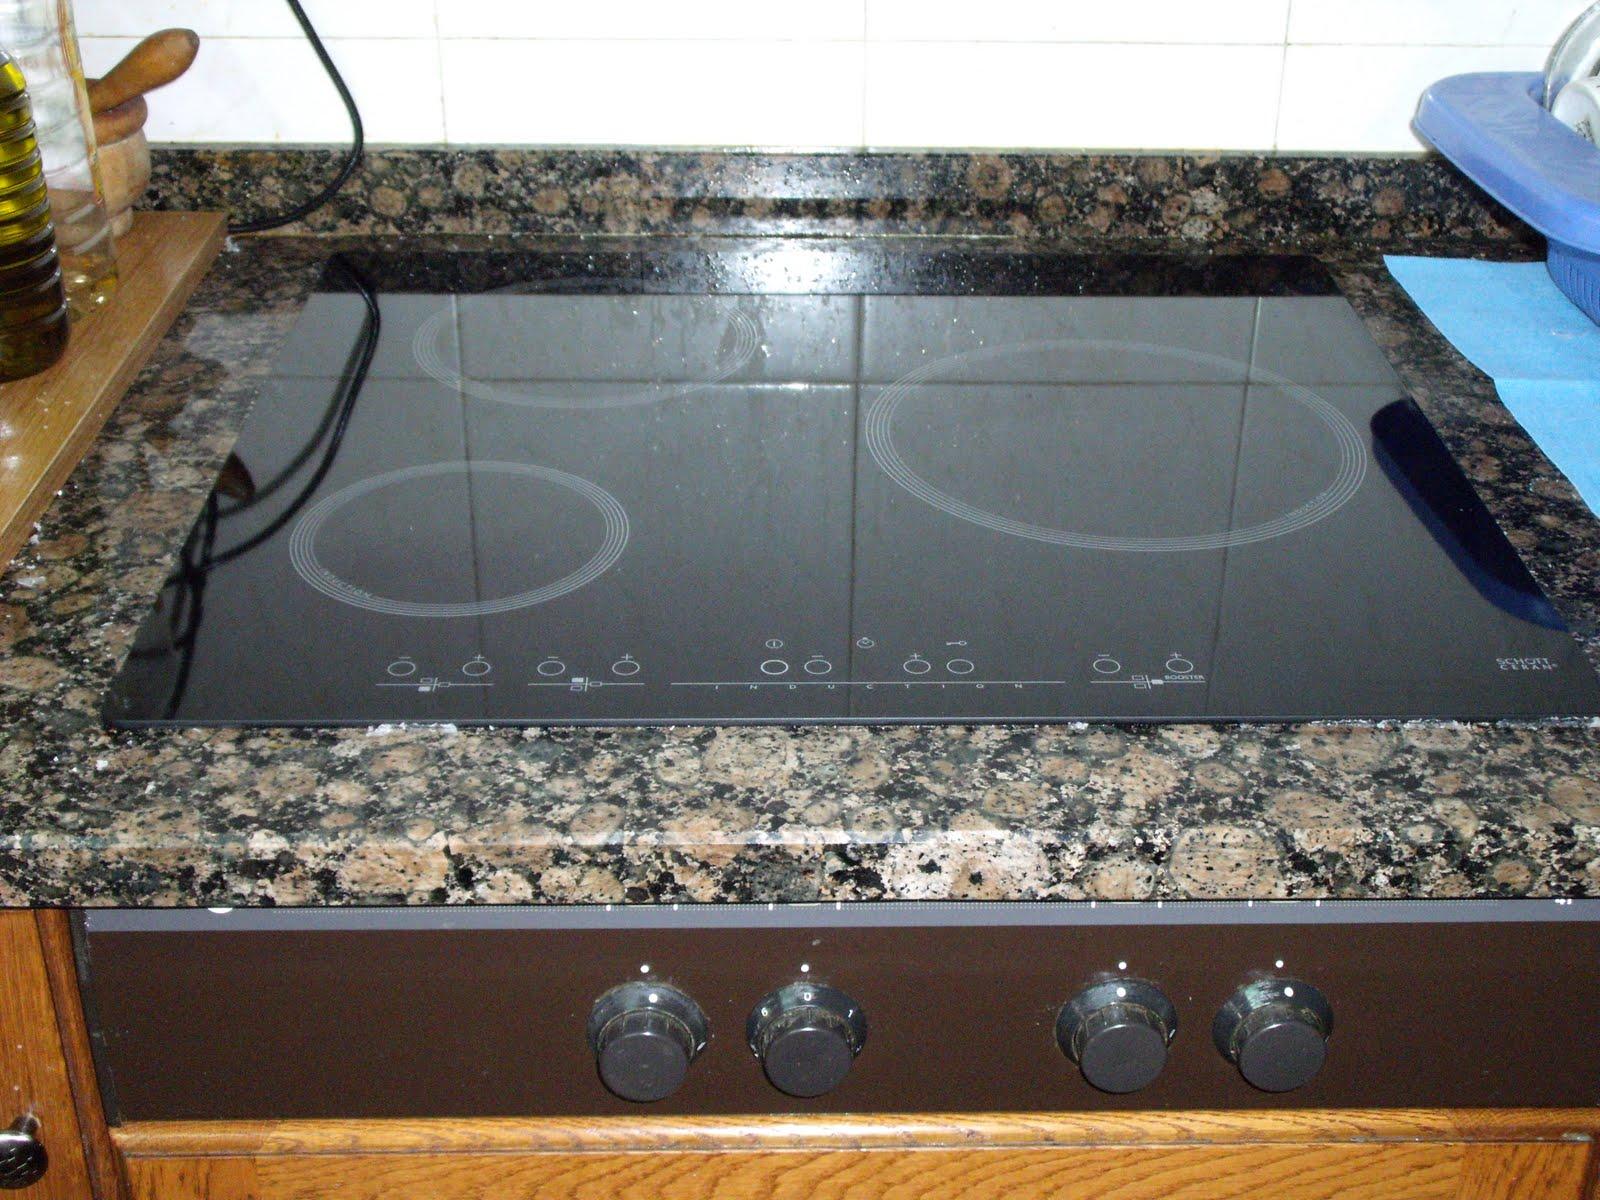 Dudas tecnol gicas cocina vitrocer mica for Cocinas vitroceramicas